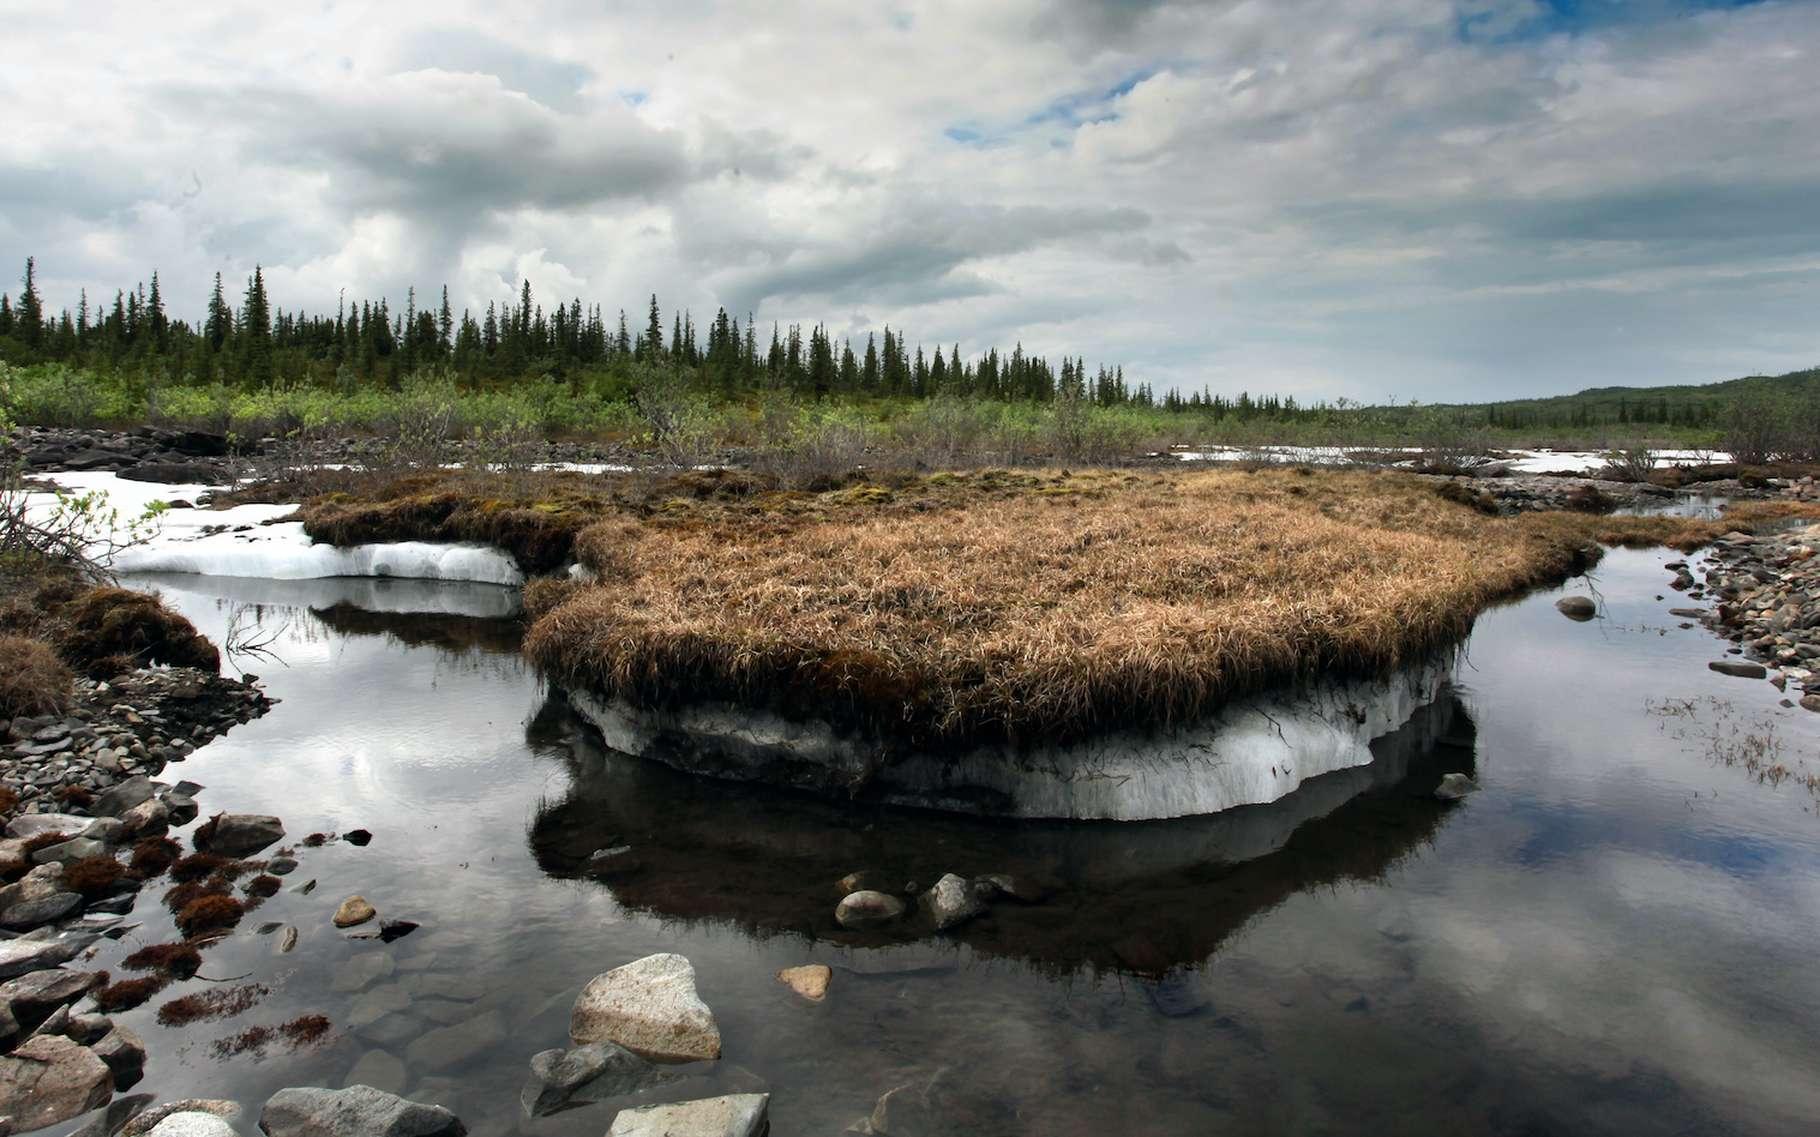 Un dégel du pergélisol a déjà libéré, en 2016 en Sibérie, des bacilles responsables de la maladie du charbon — l'anthrax comme l'appellent les anglophones — qui ont infecté des humains. © Alexander, Adobe Stock